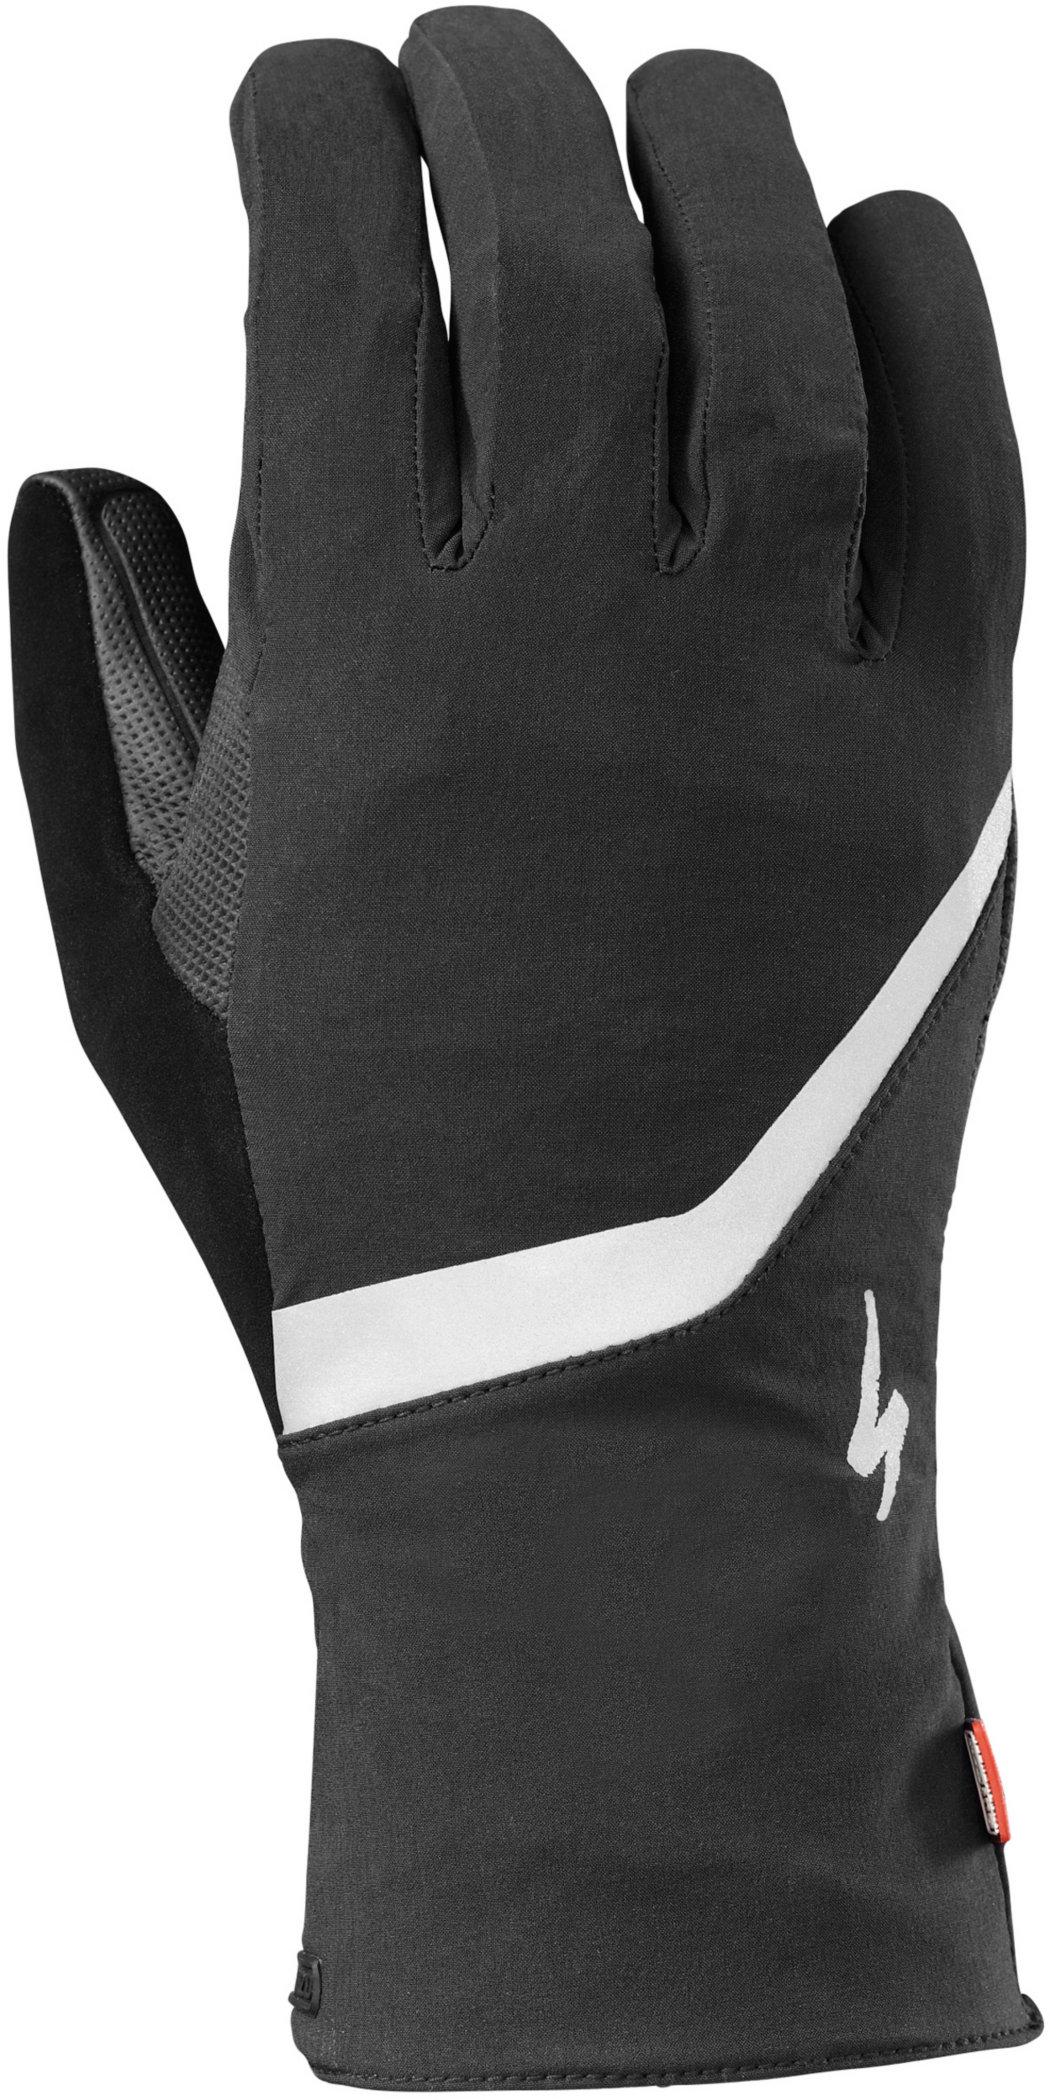 Specialized Deflect H2O Gloves Black/Black L - Alpha Bikes